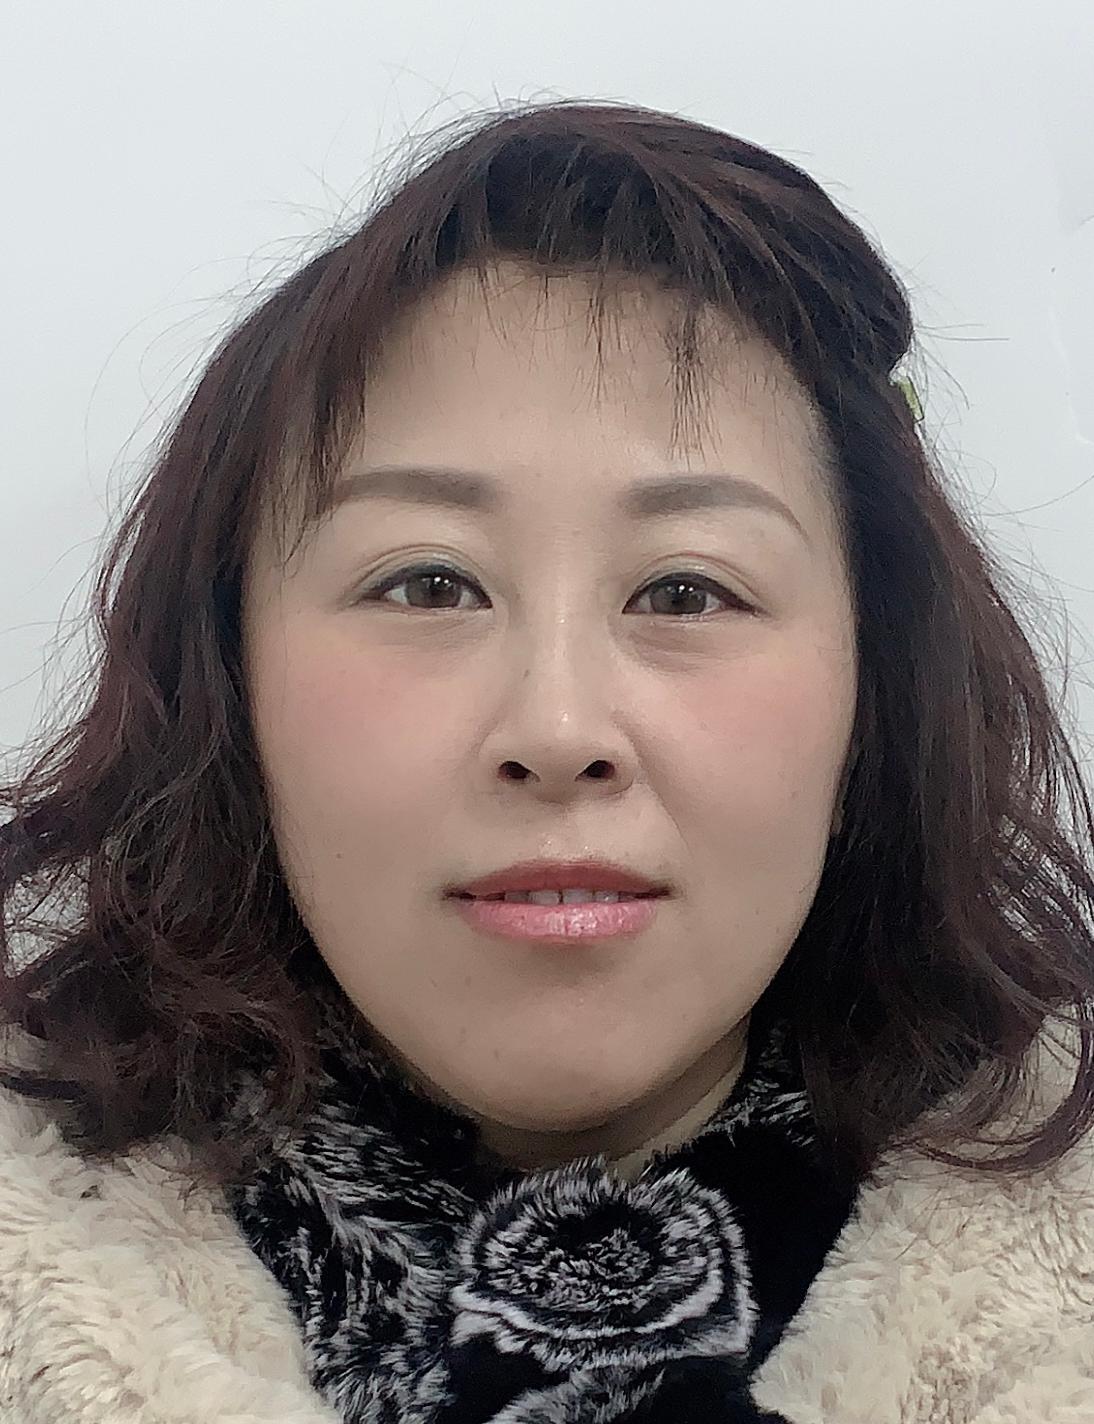 无锡二手房经纪人陈茹燕